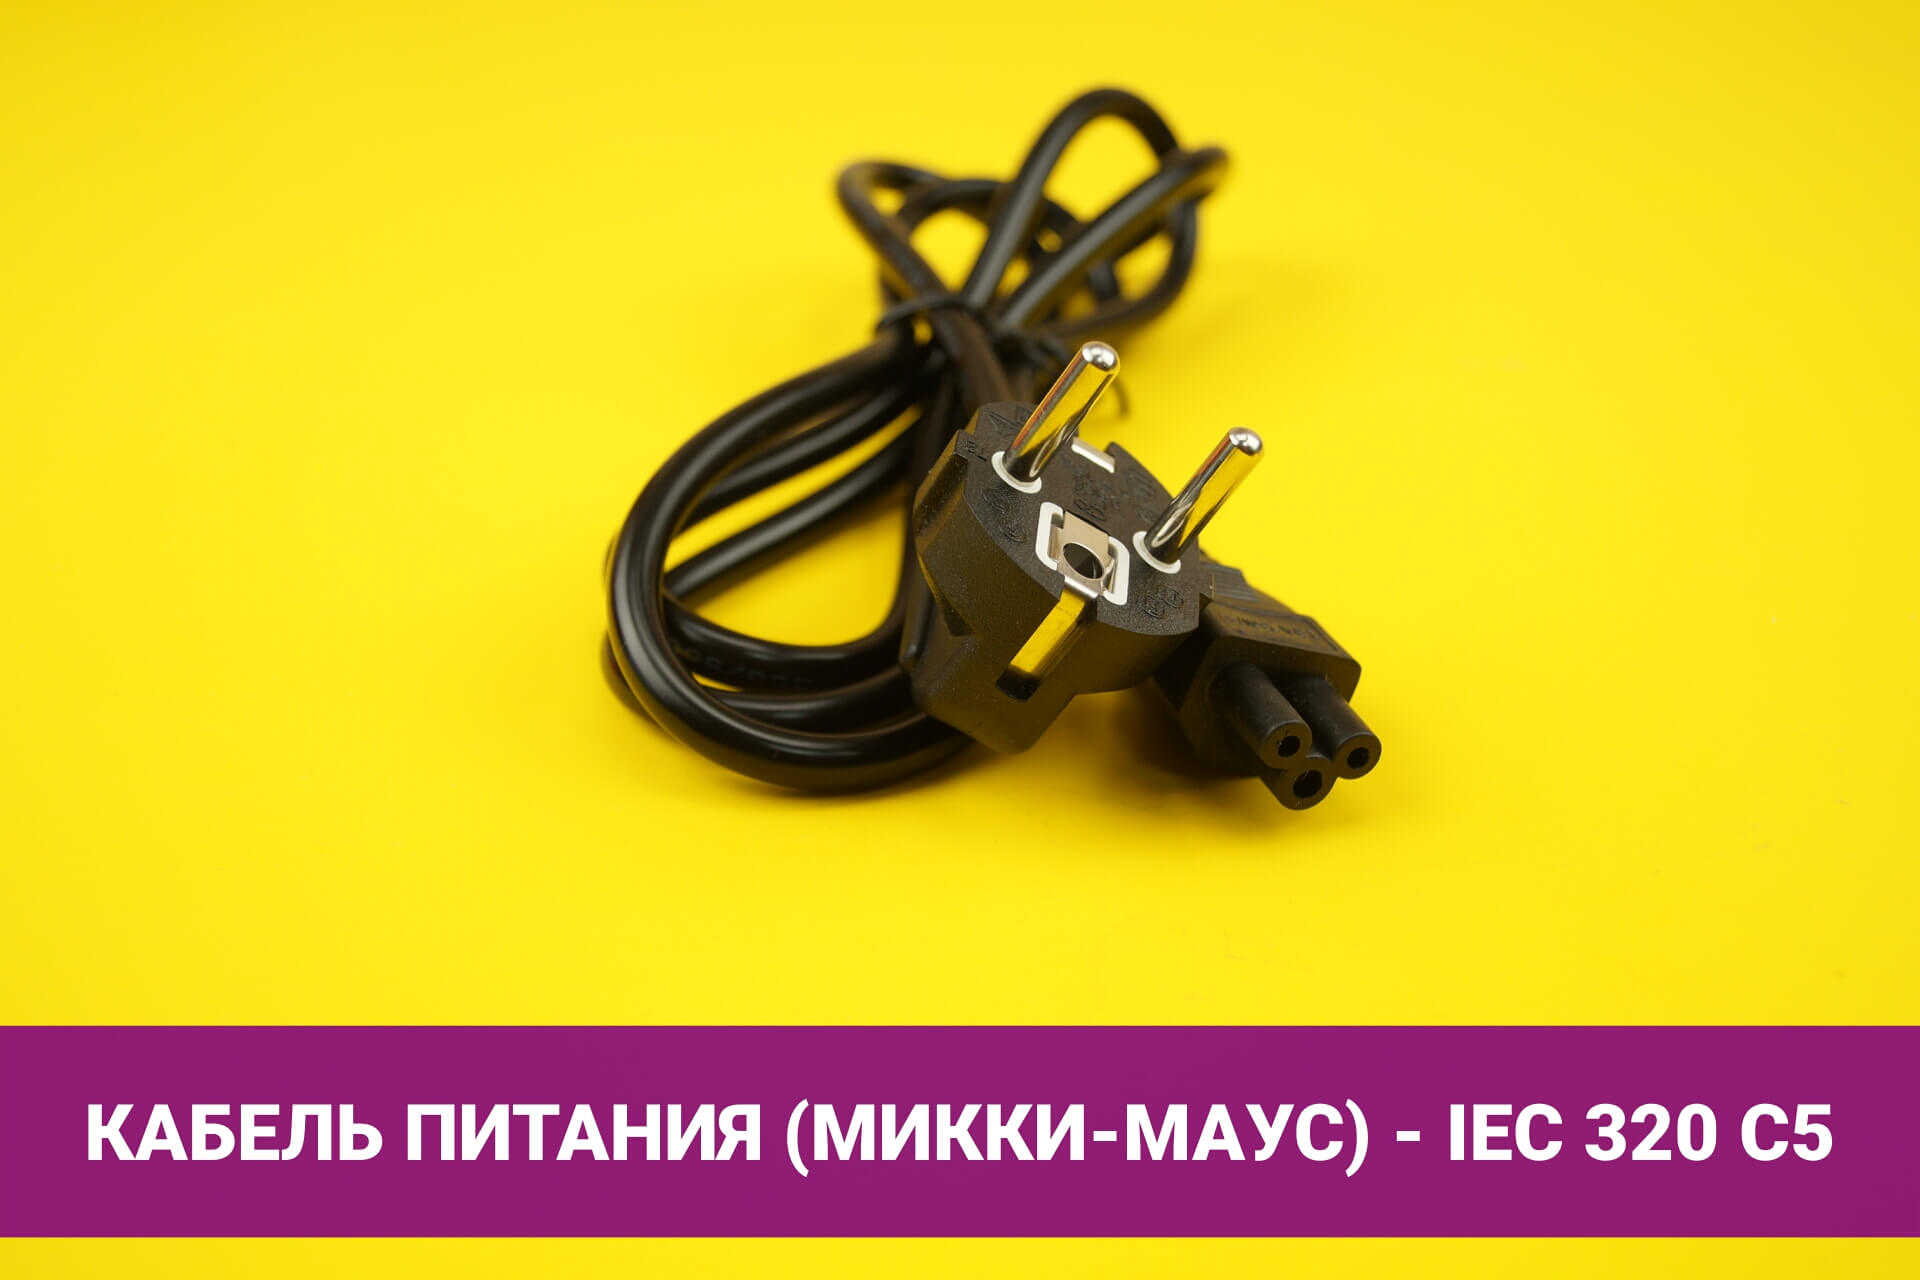 Кабель питания (микки-маус) - IEC 320 C5 1.8m